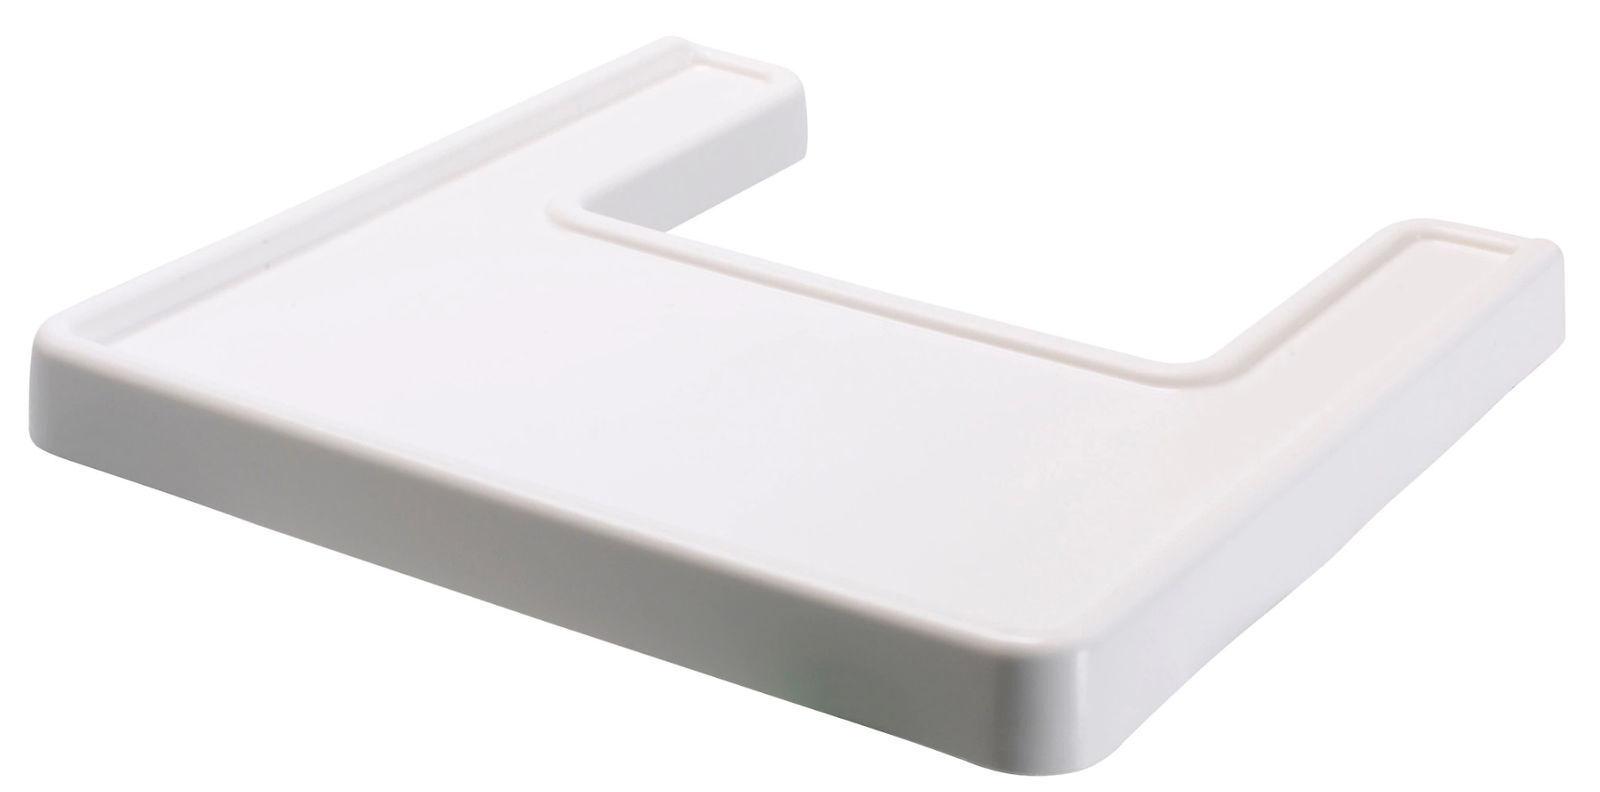 IKEA ANTILOP Tablett für Kinderstuhl weiß Zubehör Kindersitz Essplatte Kind